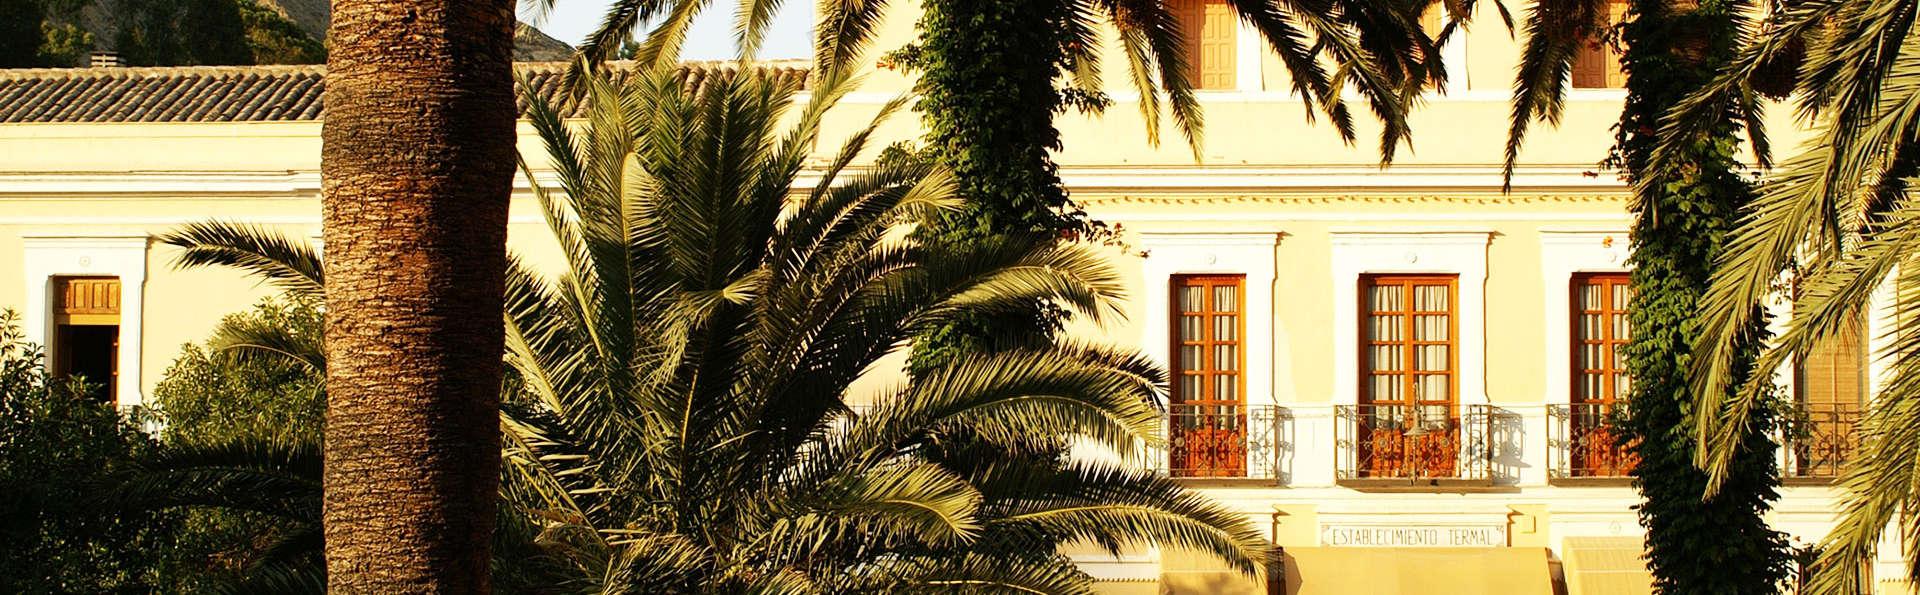 Balneario de Archena - Hotel Termas - EDIT_front1.jpg